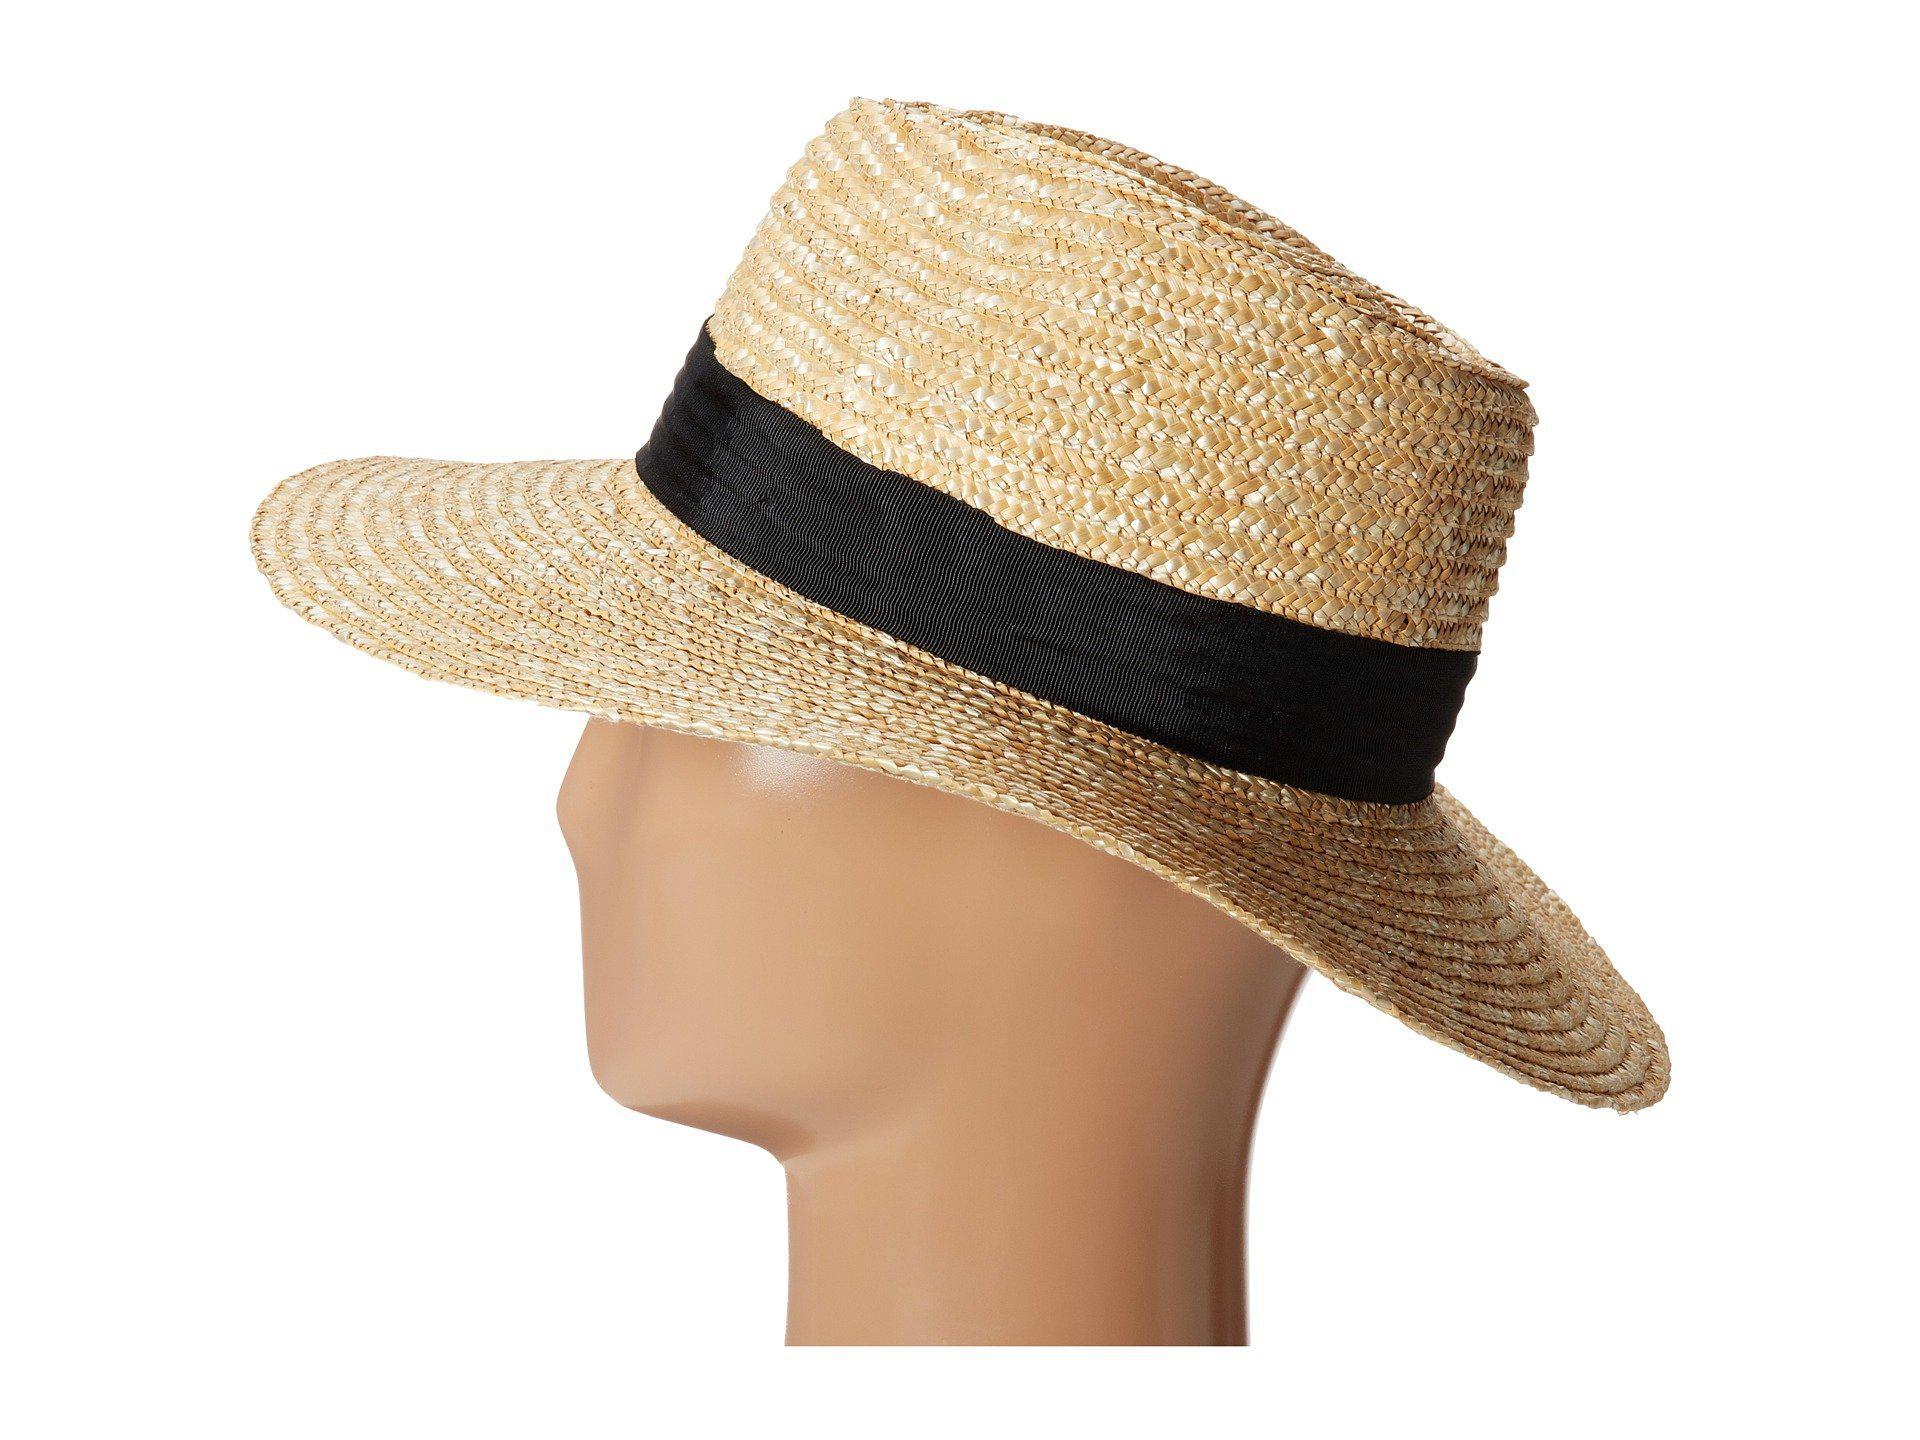 2072311a13a Lyst - Brixton Joanna Hat (bronze olive tan) Caps